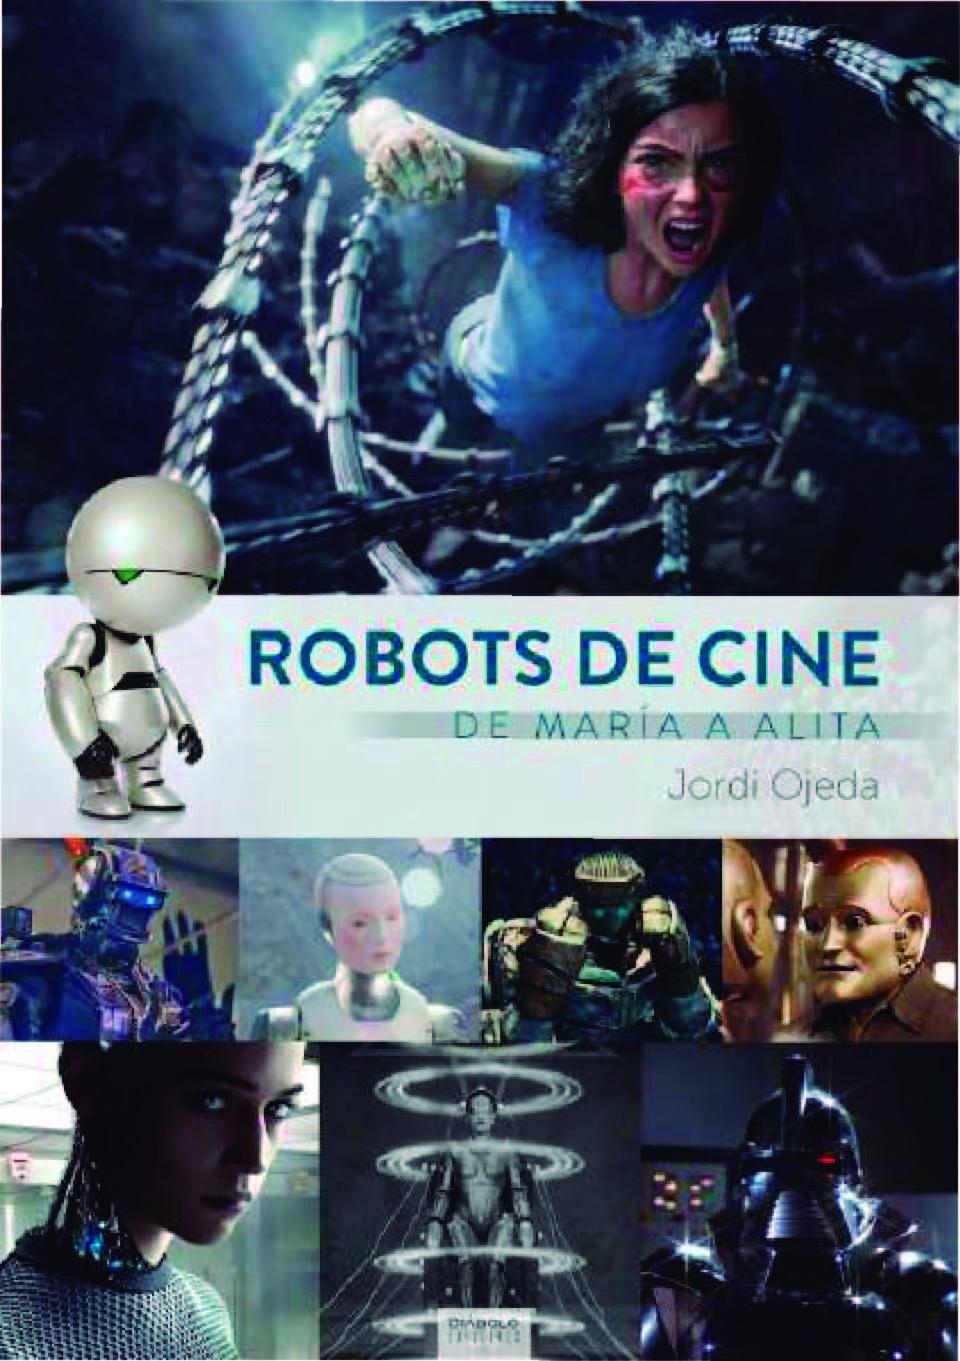 Portada libro - Robots de cine. De María a Alita